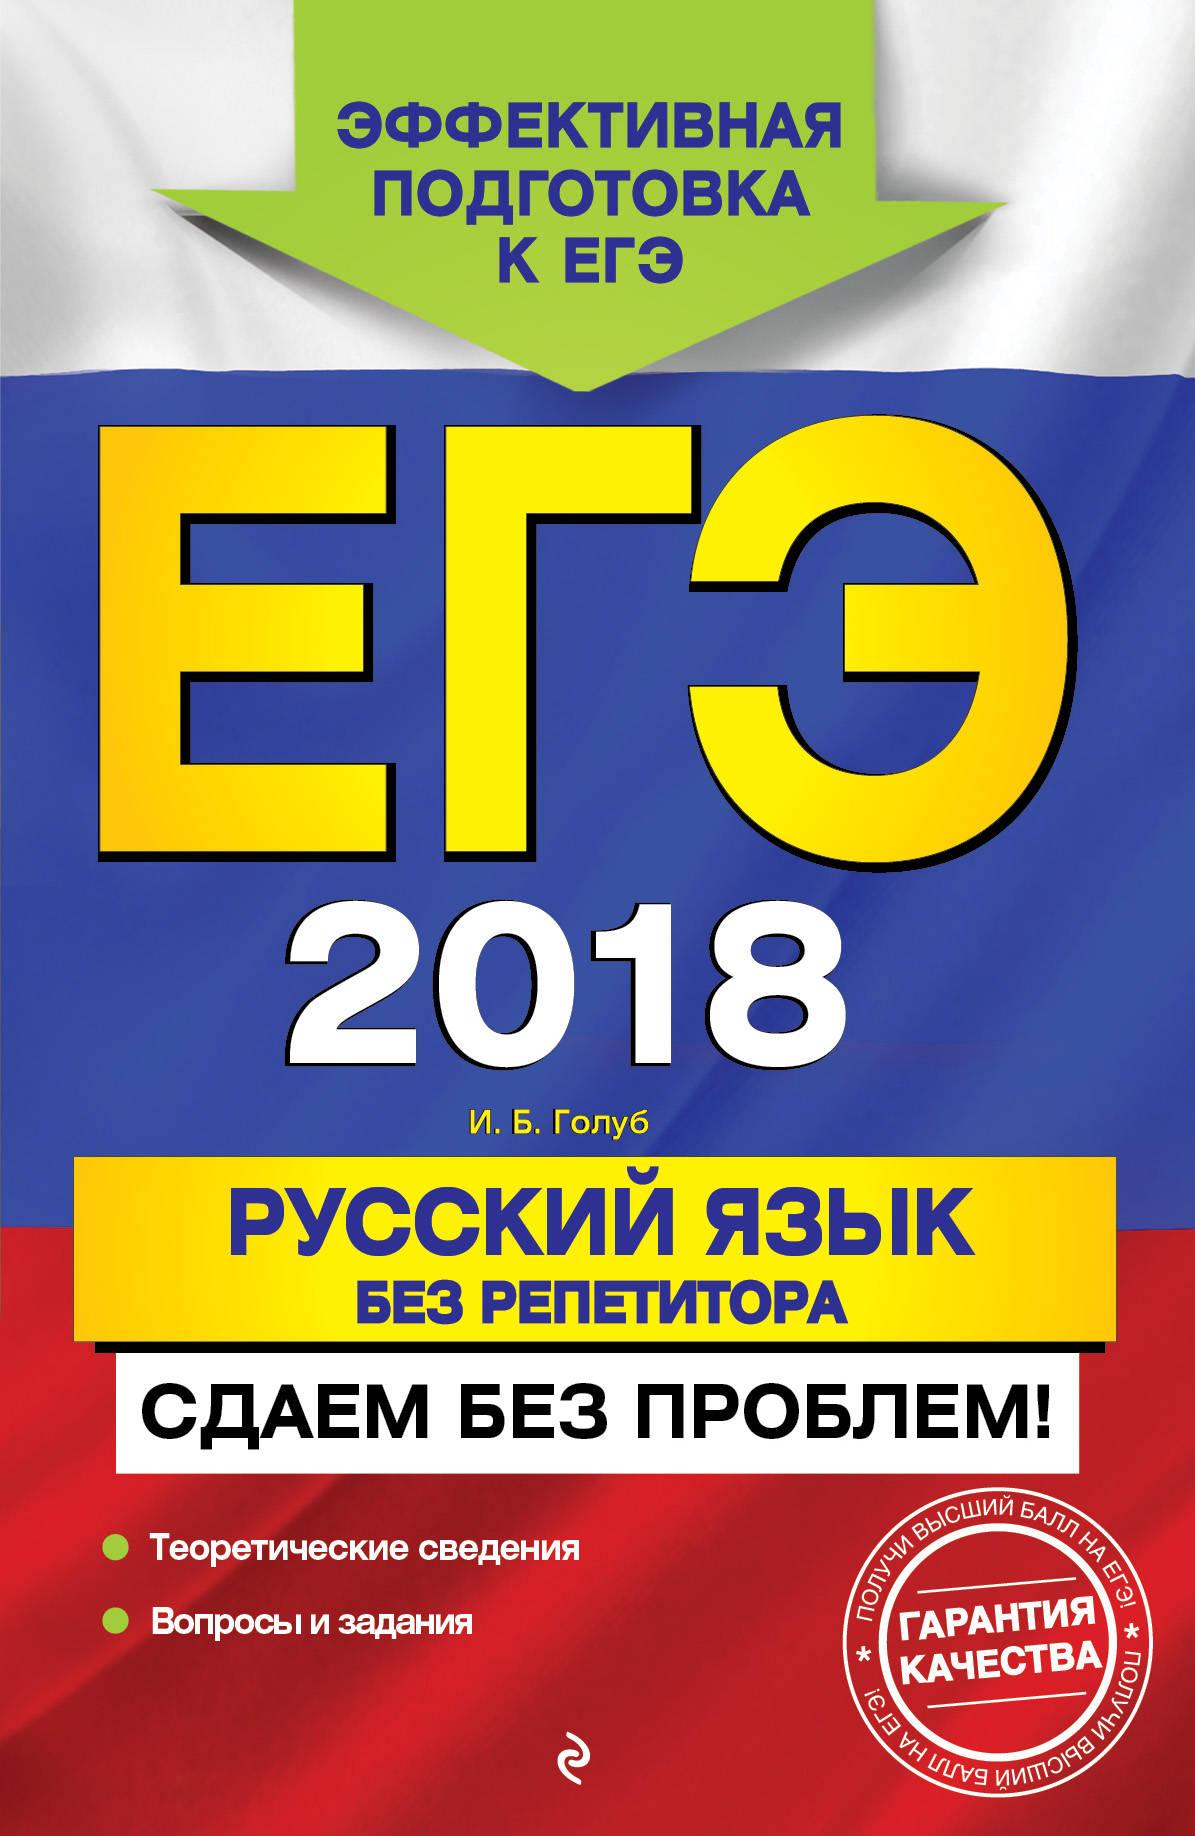 И. Б. Голуб ЕГЭ-2018. Русский язык без репетитора. Сдаем без проблем! цены онлайн